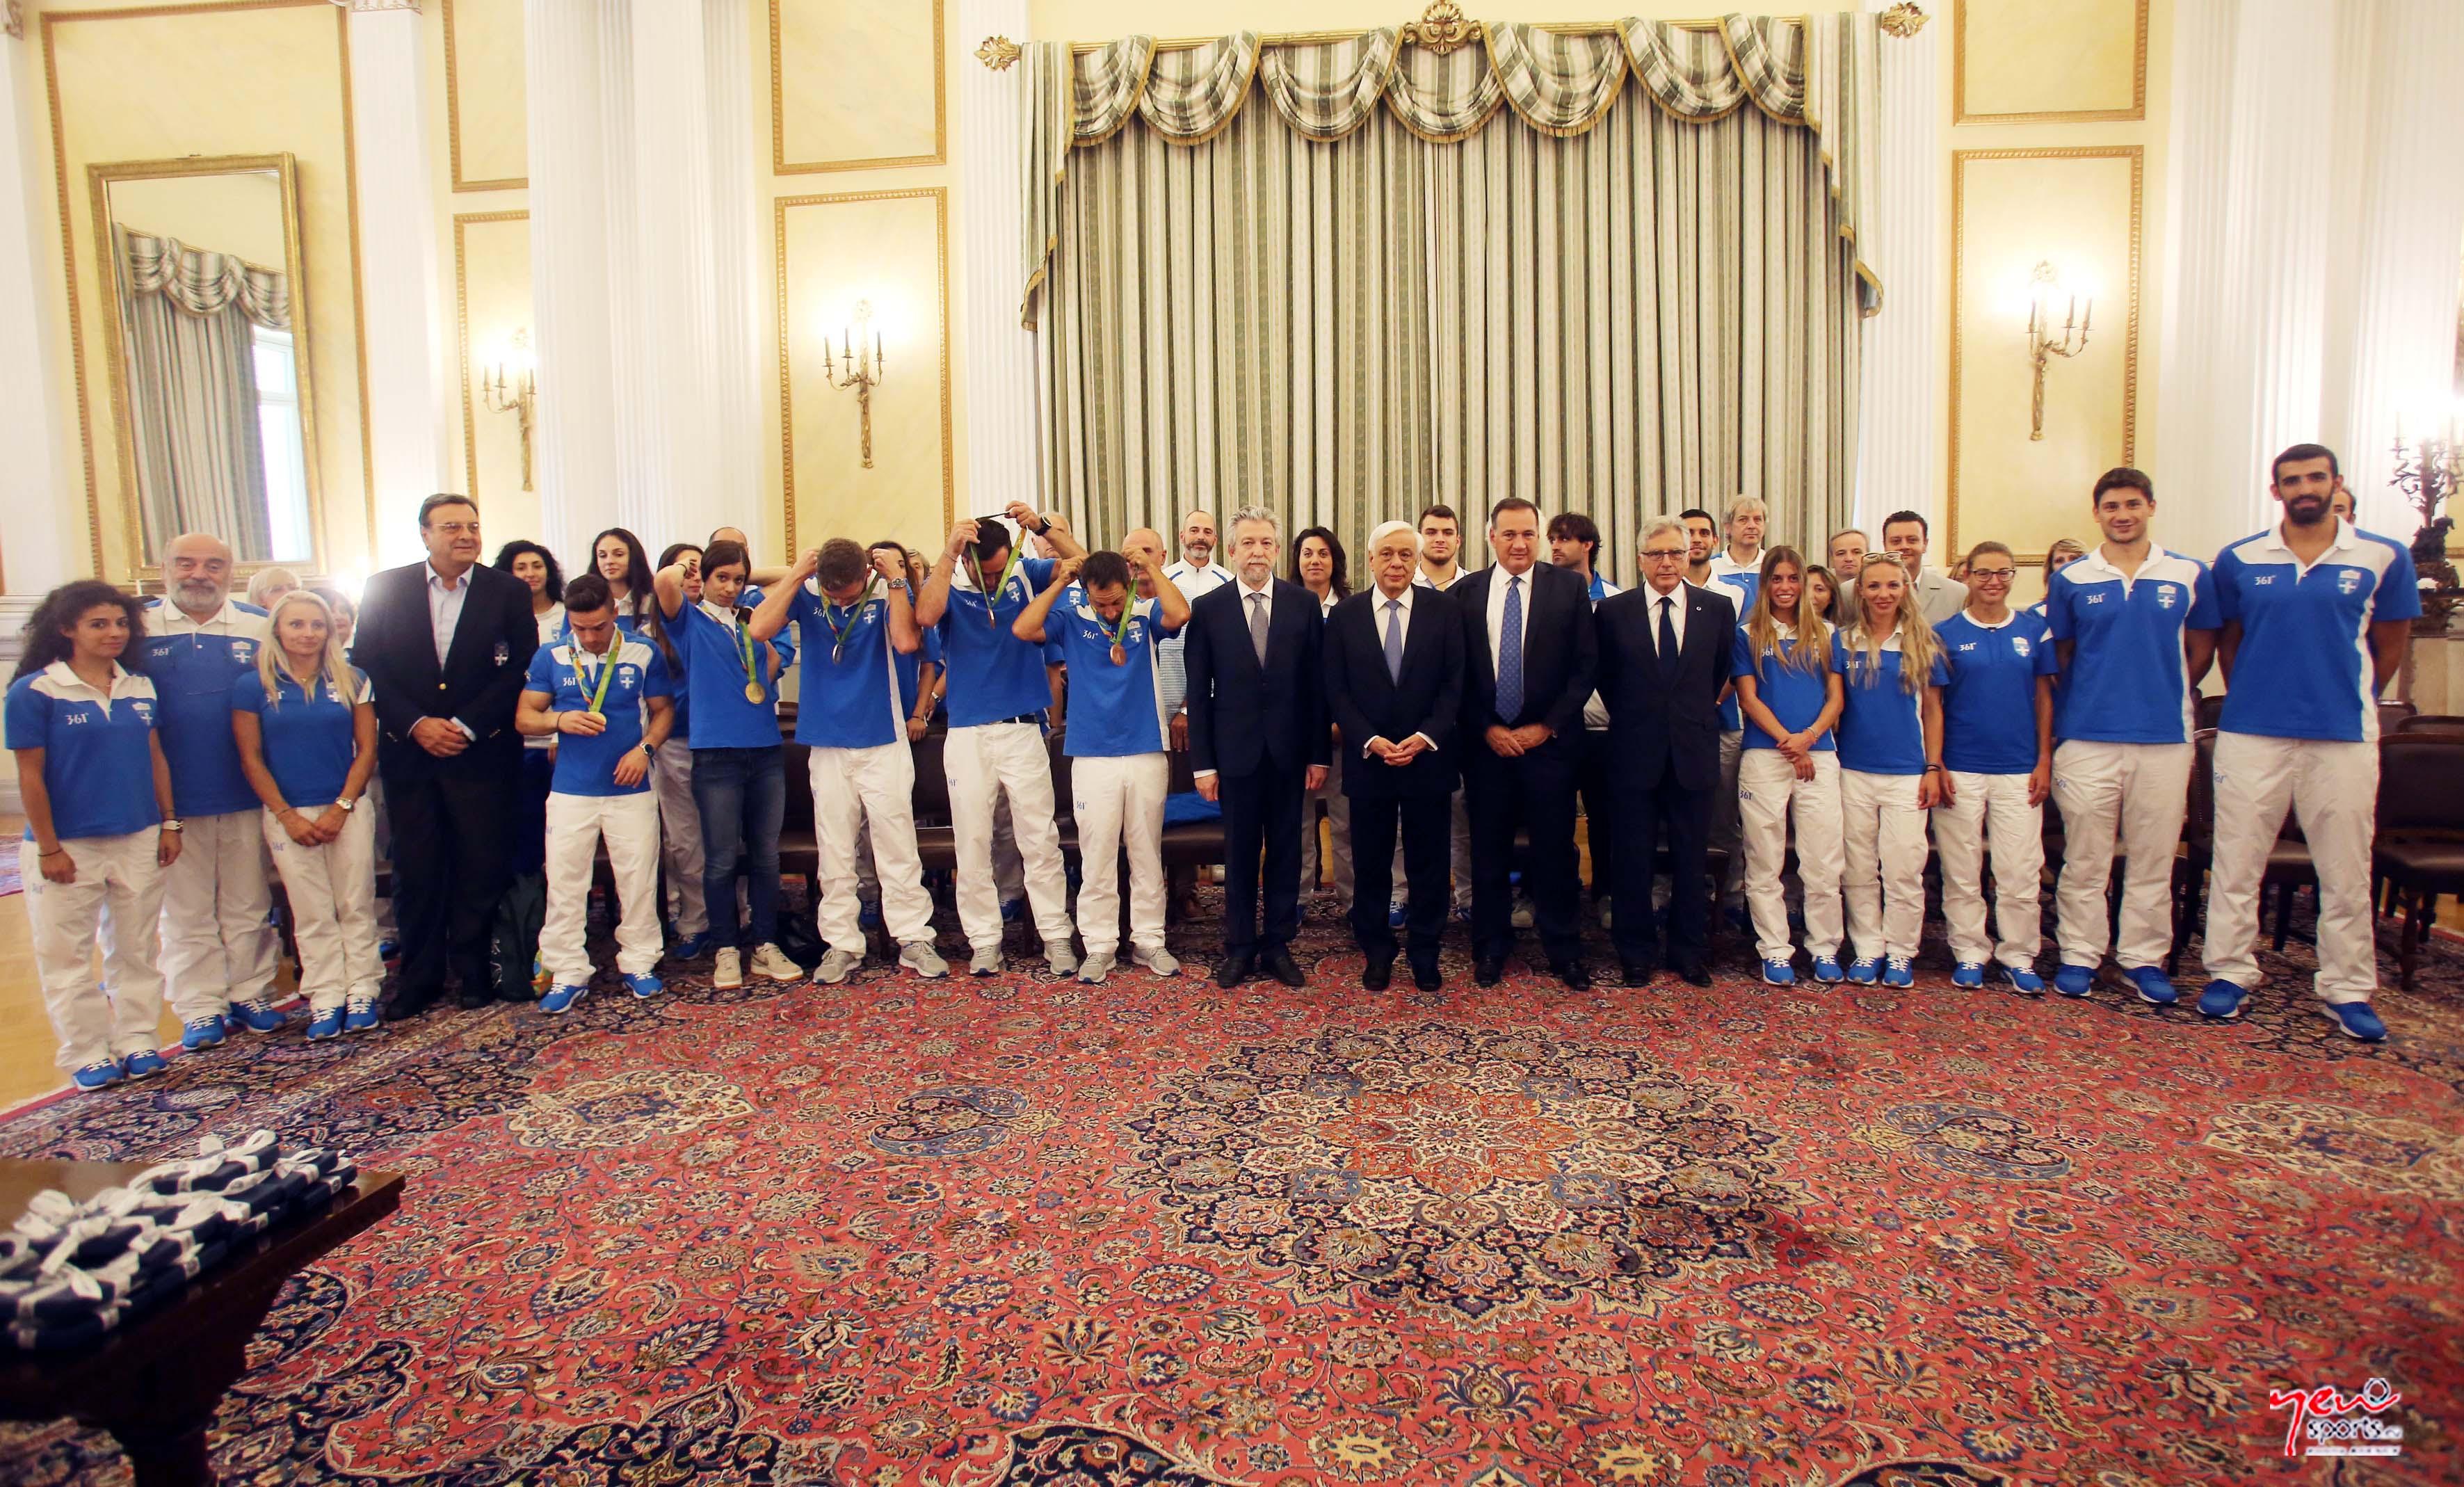 Ο Πρόεδρος της Δημοκρατίας Προκόπης Παυλόπουλος φωτογραφίζεται με τους Ολυμπιονίκες κατά την διάρκεια της συνάντησης του στο Προεδρικό Μέγαρο, Πέμπτη 25 Αυγούστου 2016. ΑΠΕ-ΜΠΕ / ΑΠΕ-ΜΠΕ / ΑΛΕΞΑΝΔΡΟΣ ΒΛΑΧΟΣ